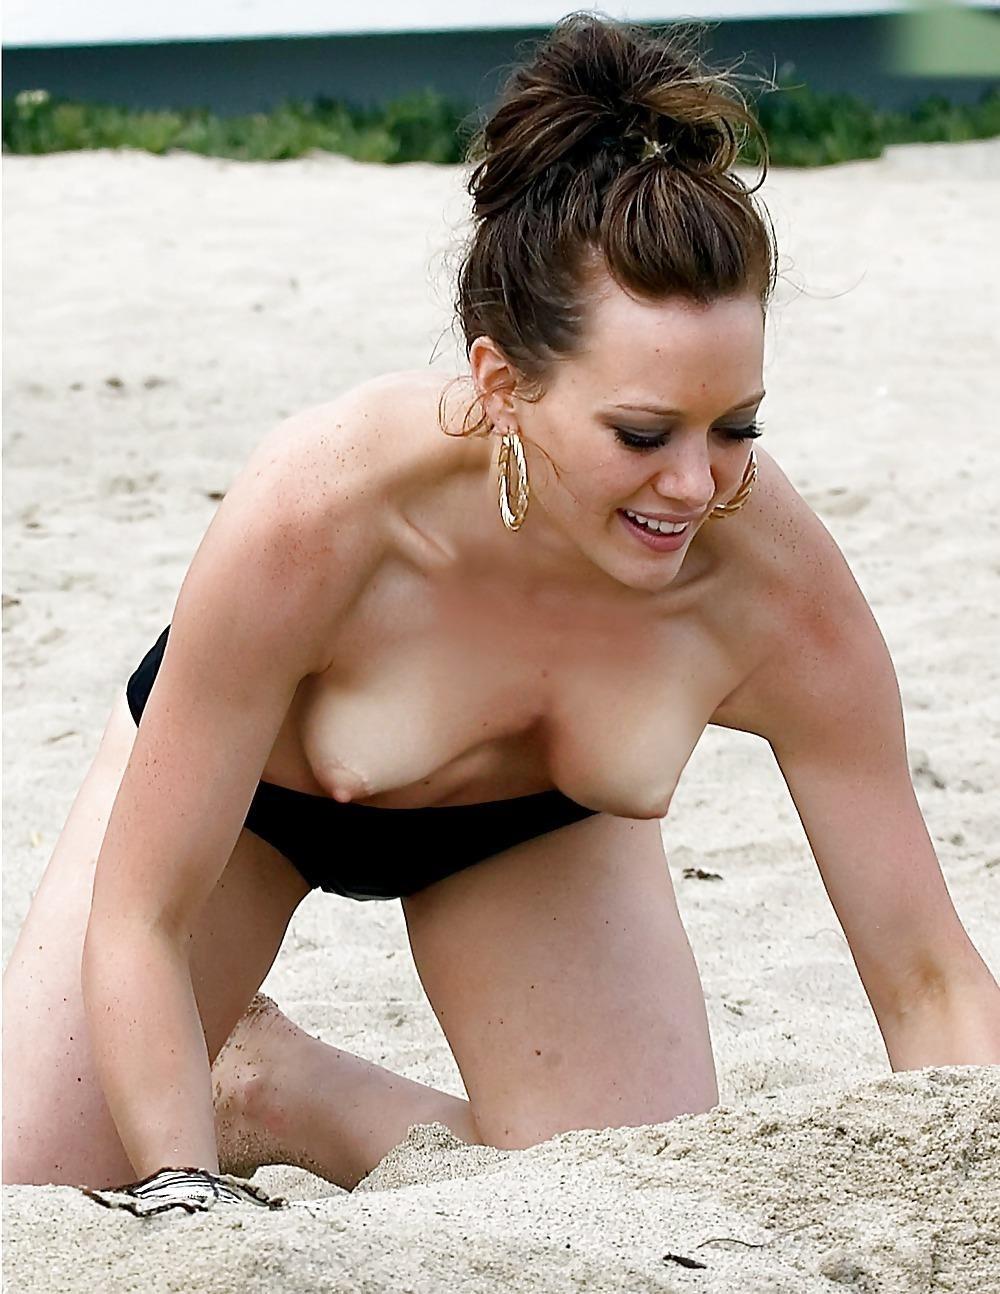 Hilary duff nude pics-5818